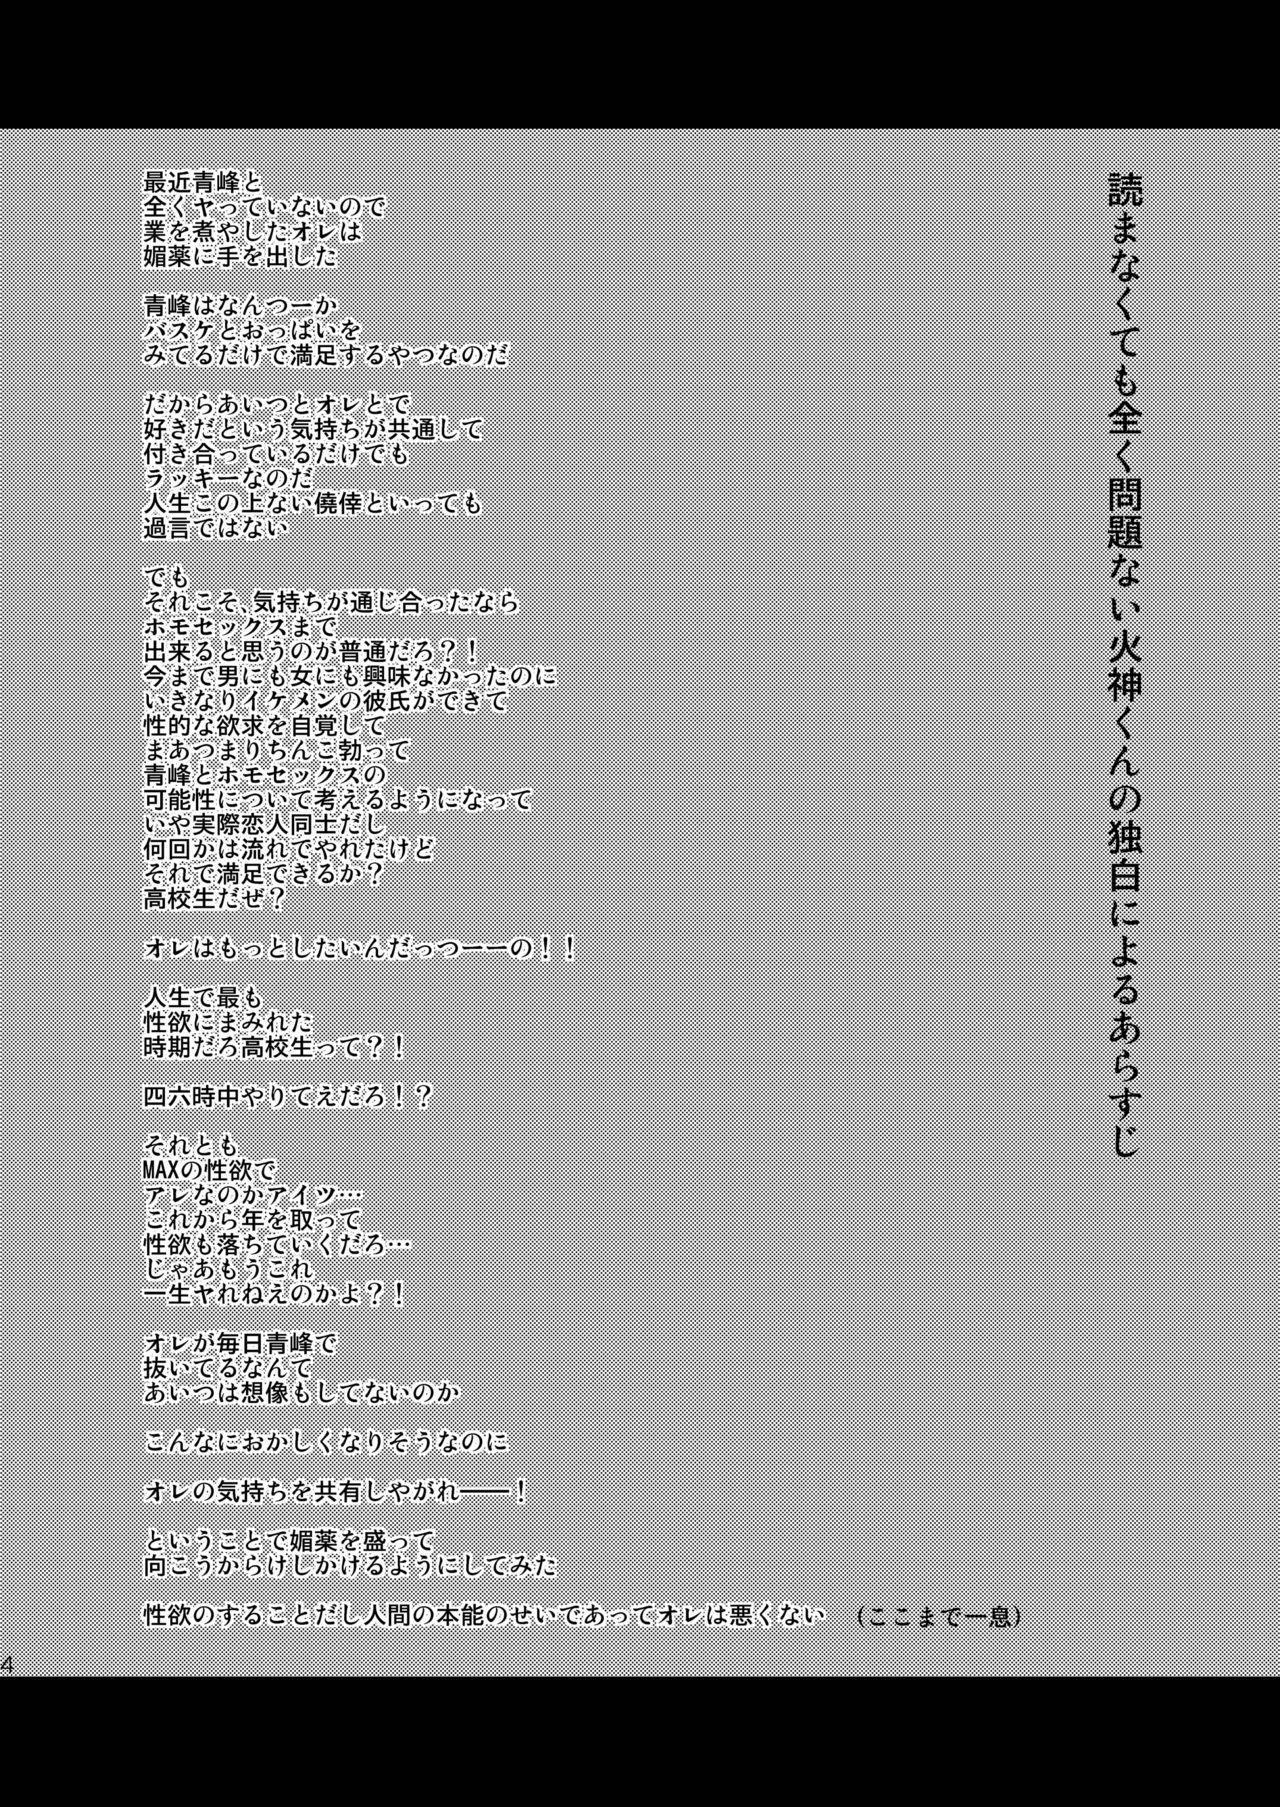 Kagami-kun no Ero hon 7 Gobusata no Kare mo Kore de Ippatsu Marude Kemono no Youna Hatsujou Sekkusu senyou Biyaku 2